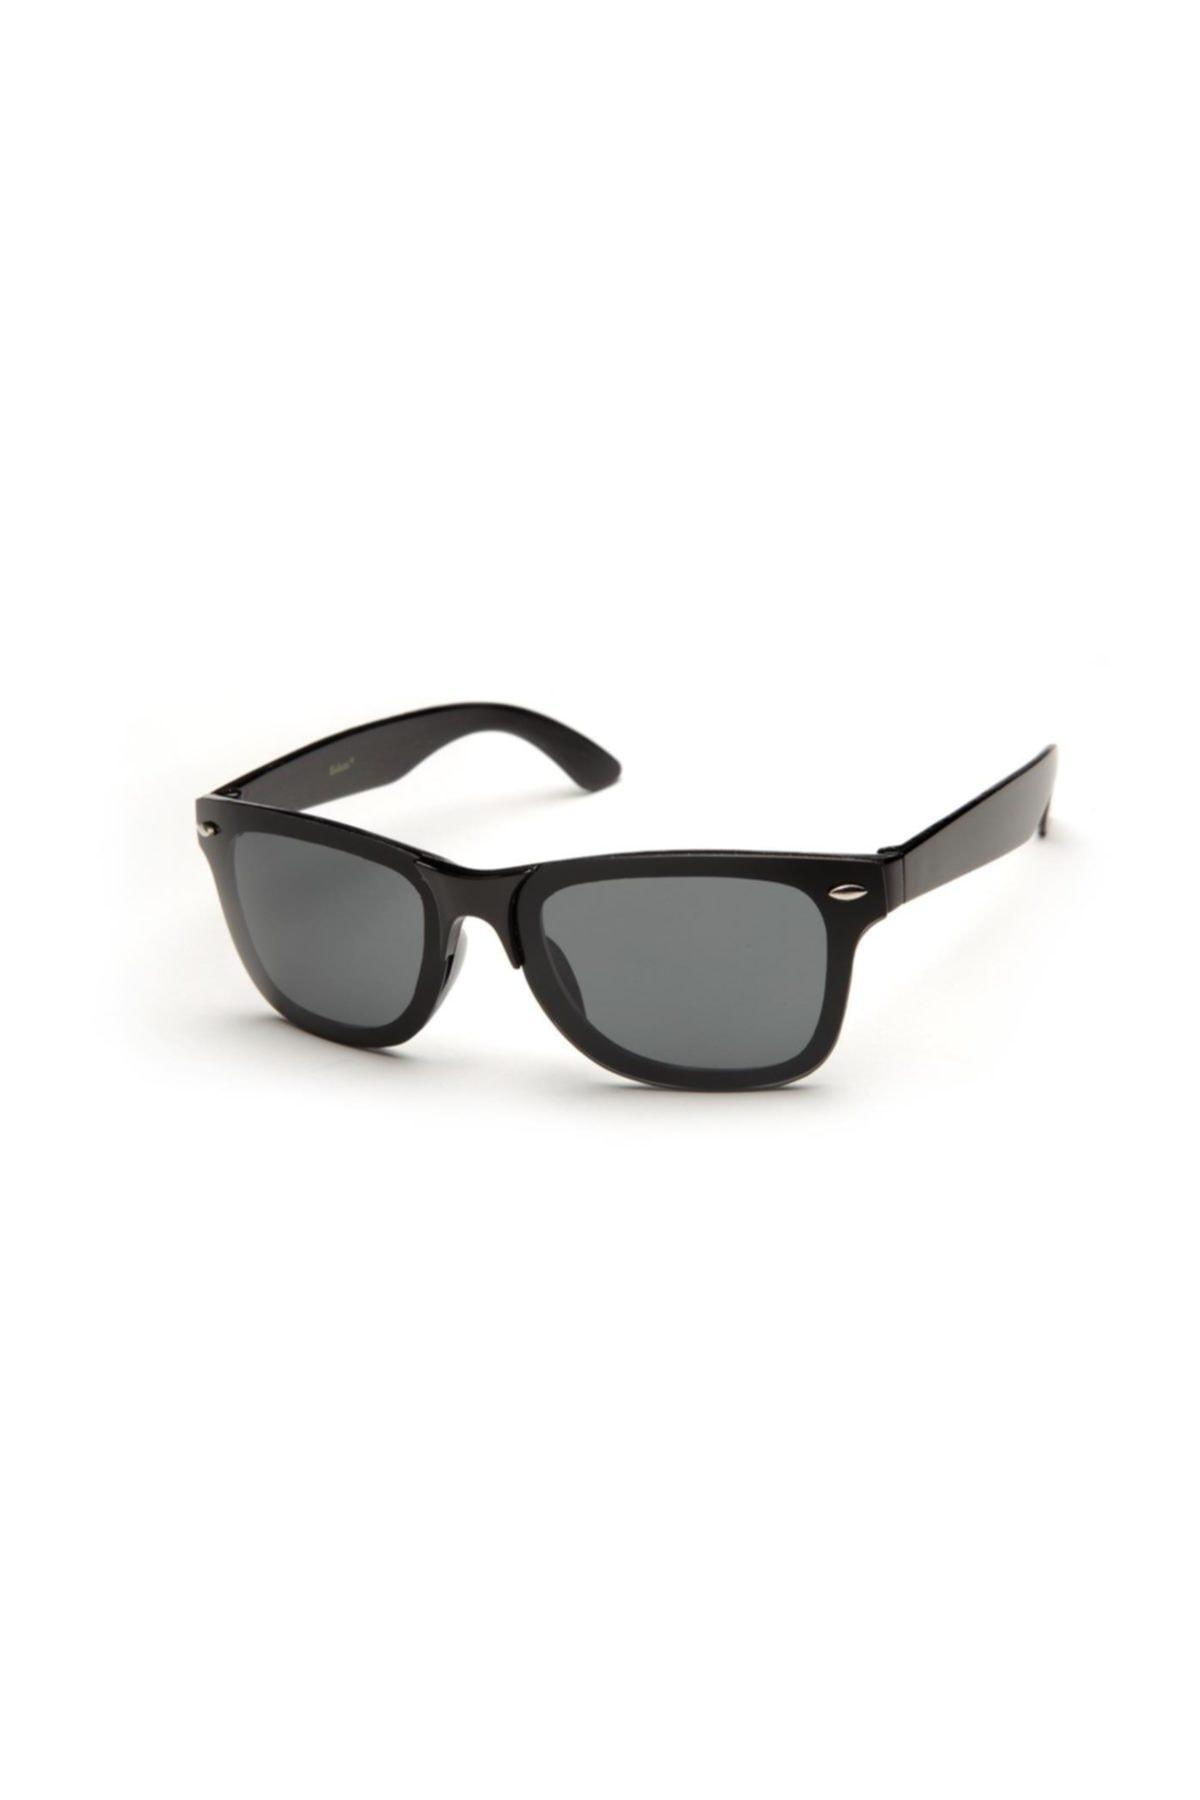 Belletti Erkek Dikdörtgen Güneş Gözlüğü BLT-19-62-B 1